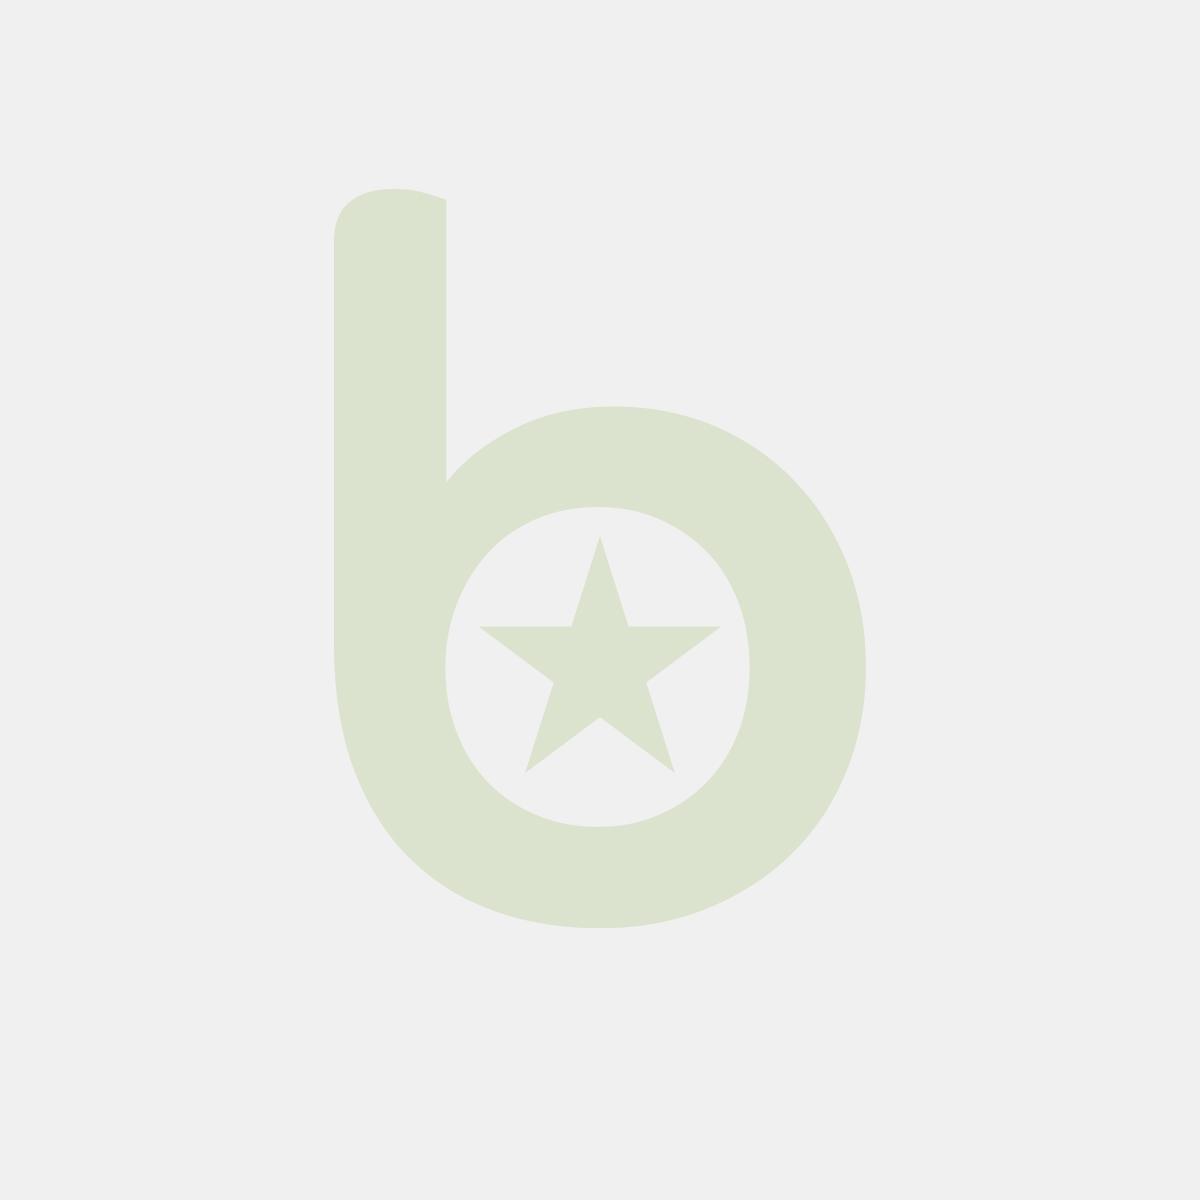 Pędzelek Cukierniczy Silikonowy - Szer. 50 Mm